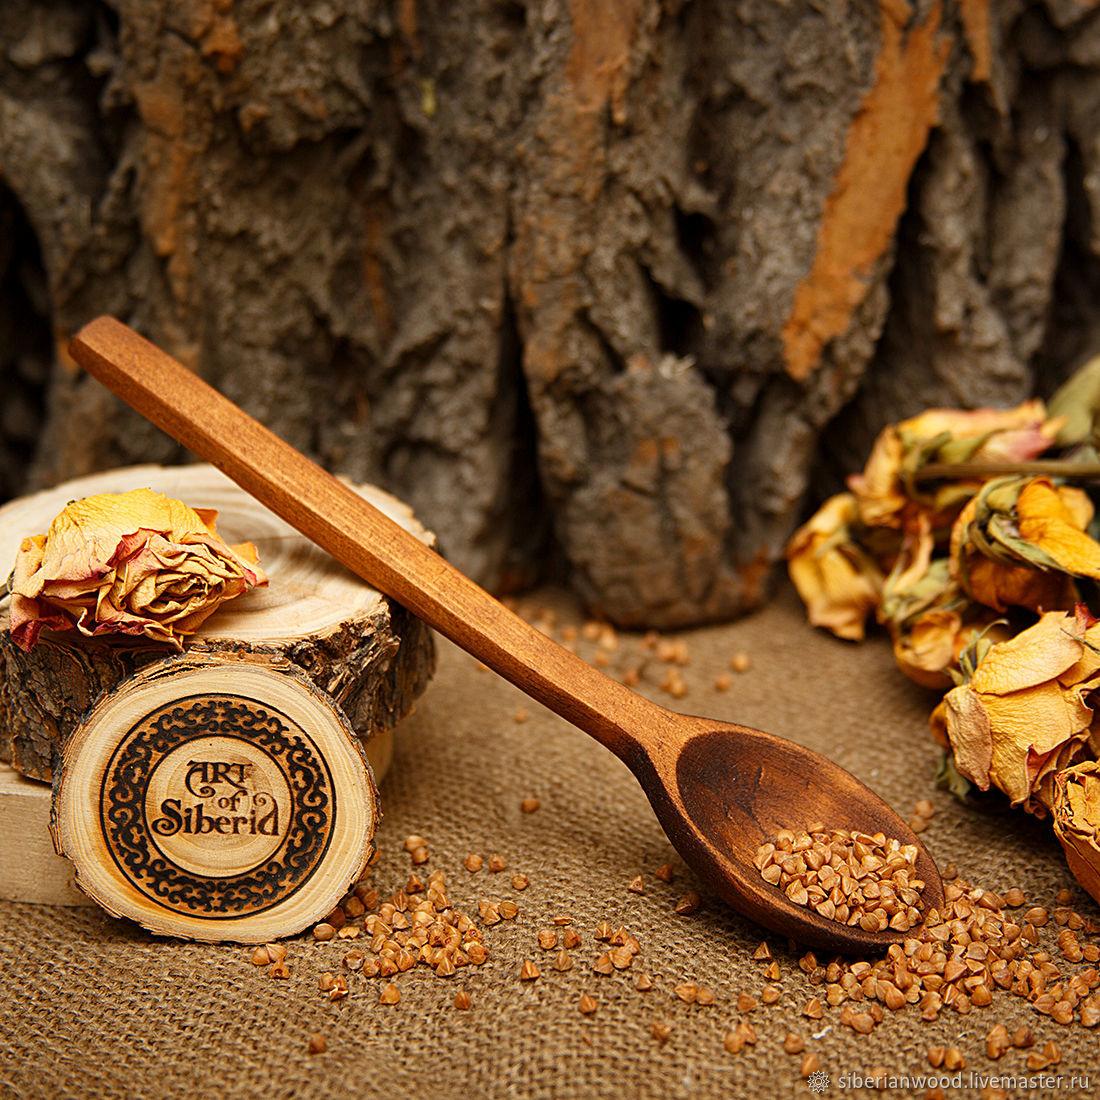 Ложка деревянная 21 cм Сибирский Кедр #L21, Ложки, Новокузнецк,  Фото №1